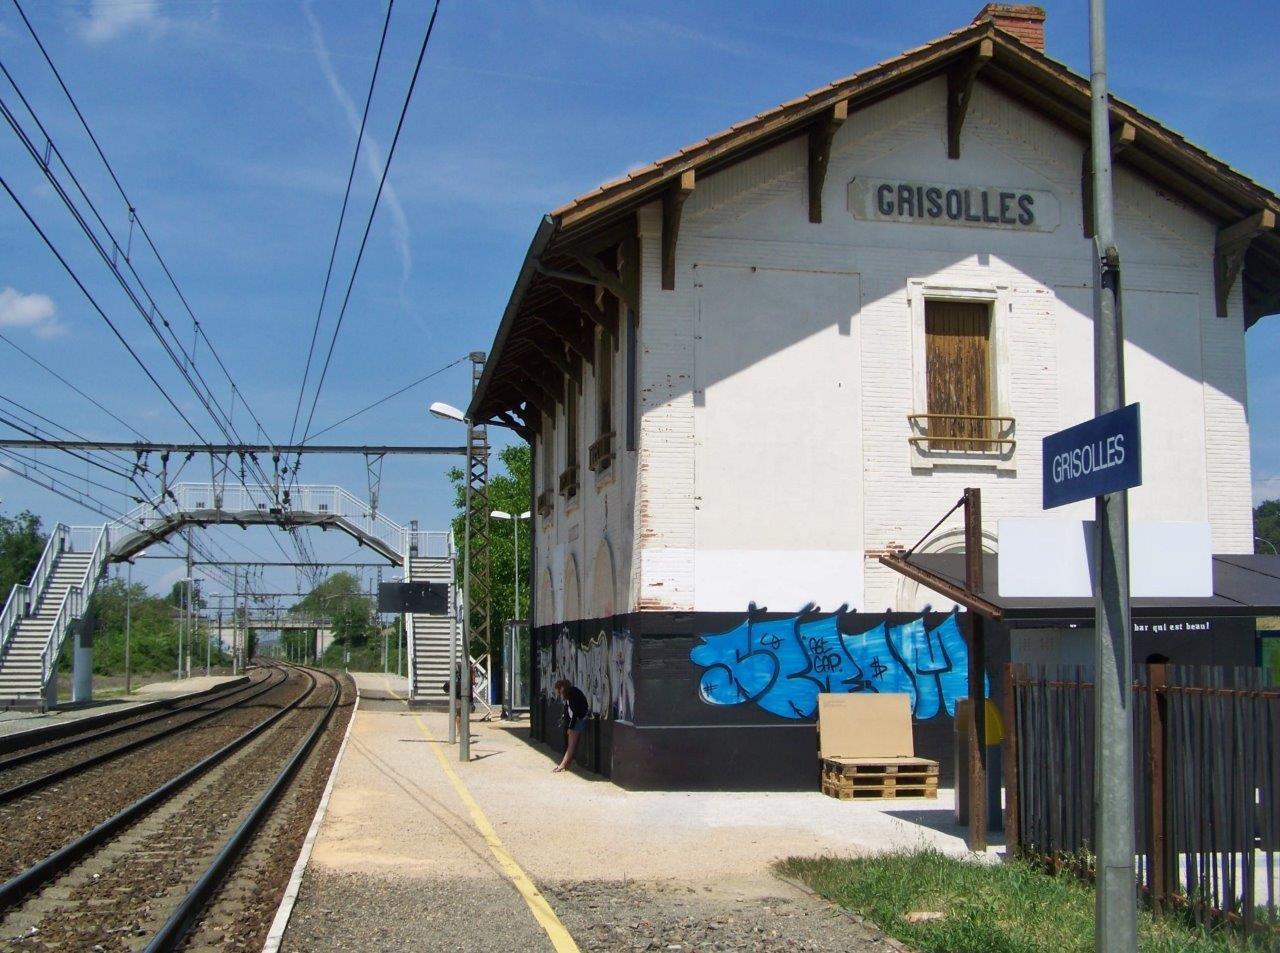 gare-de-grisolles-train-station